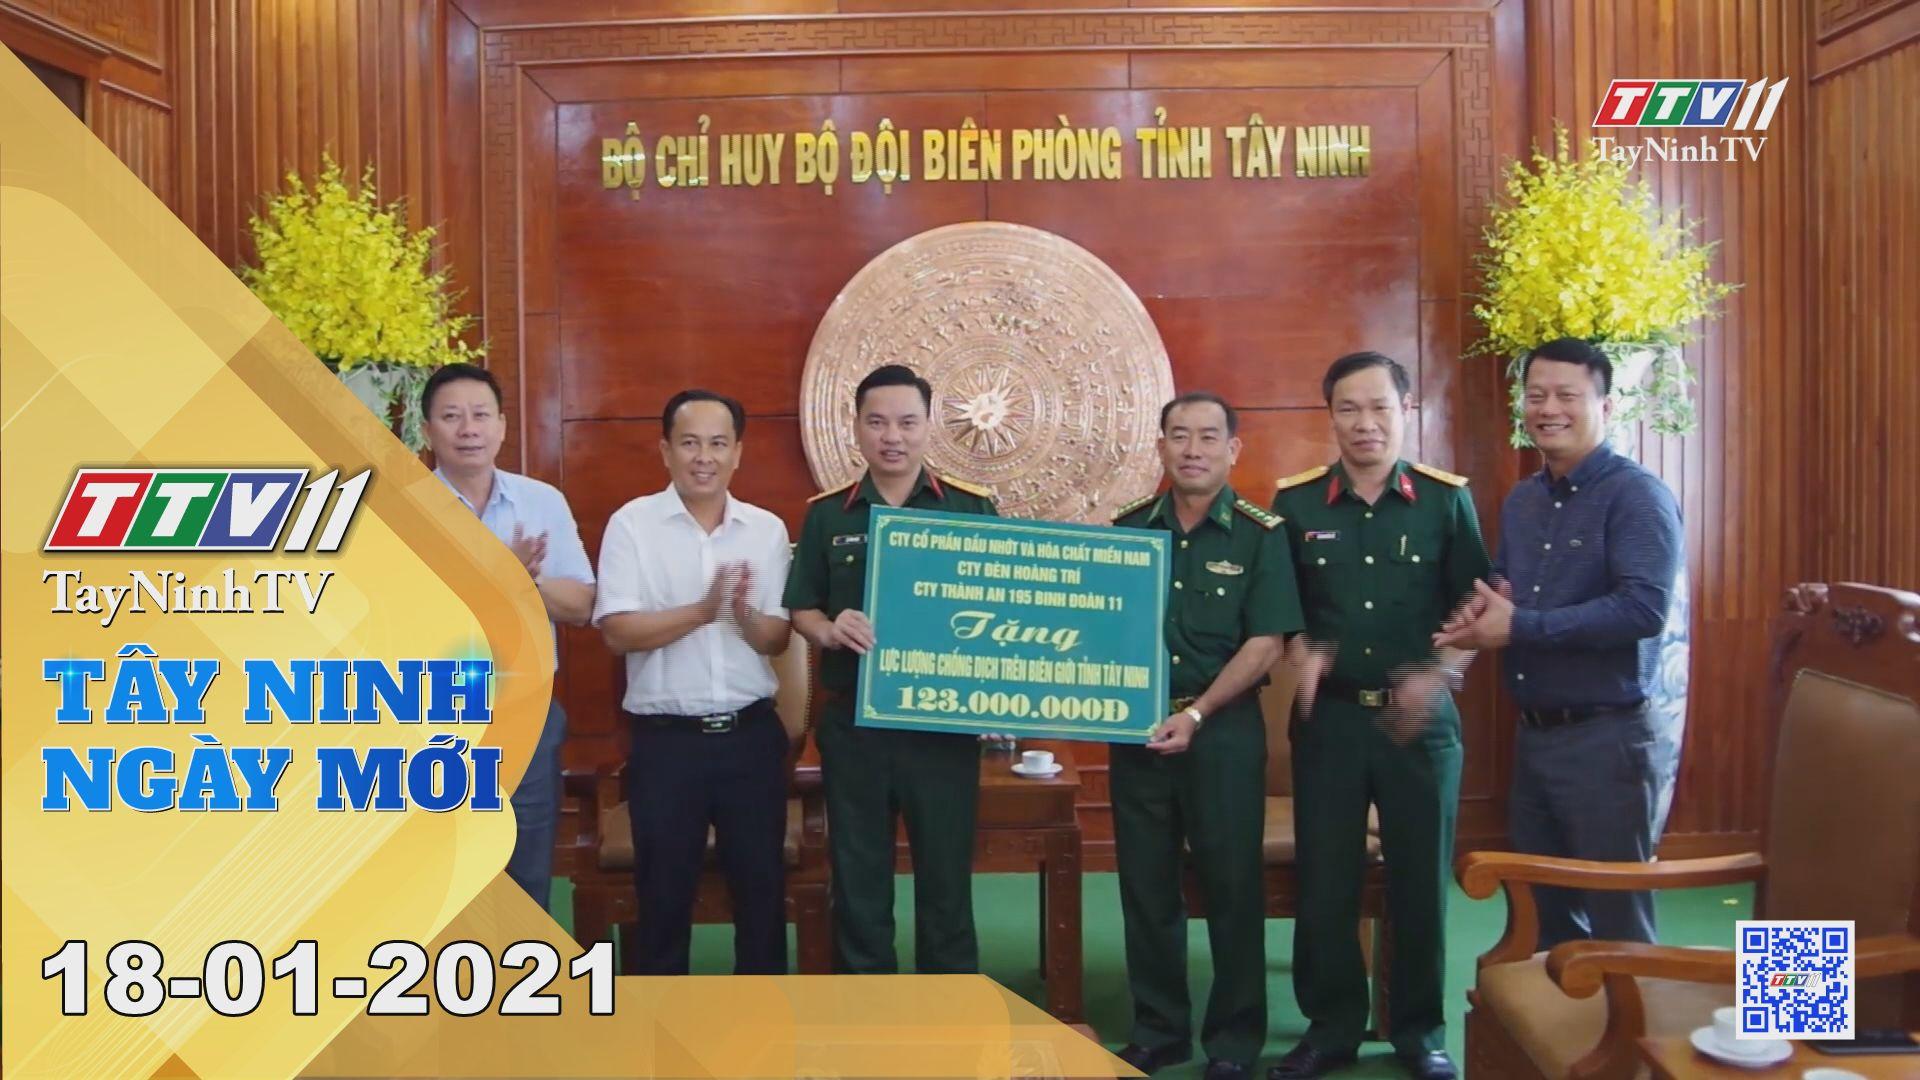 Tây Ninh Ngày Mới 18-01-2021 | Tin tức hôm nay | TayNinhTV